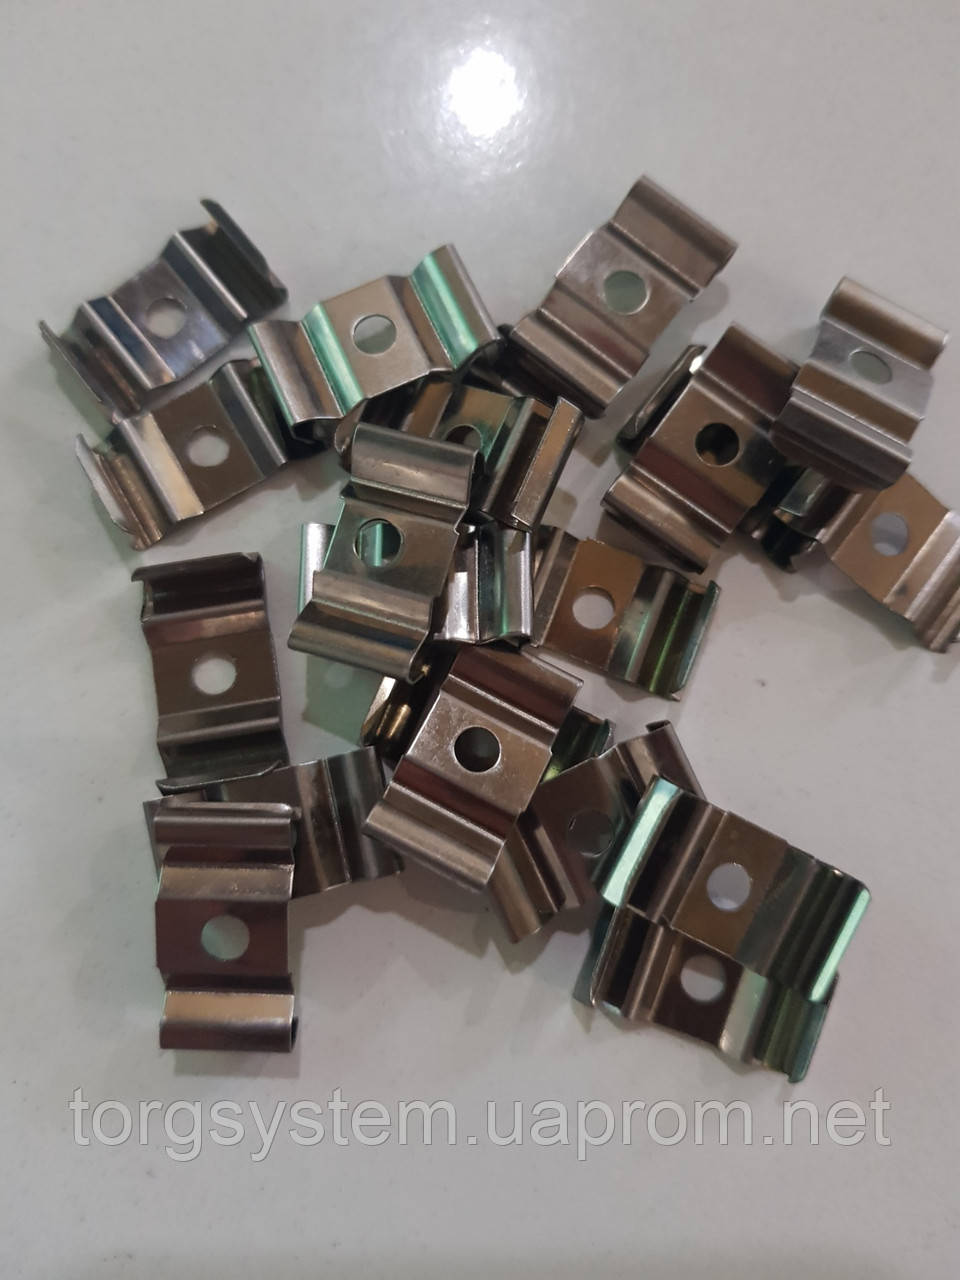 Крепление металлическое для Led профиля, клипсы